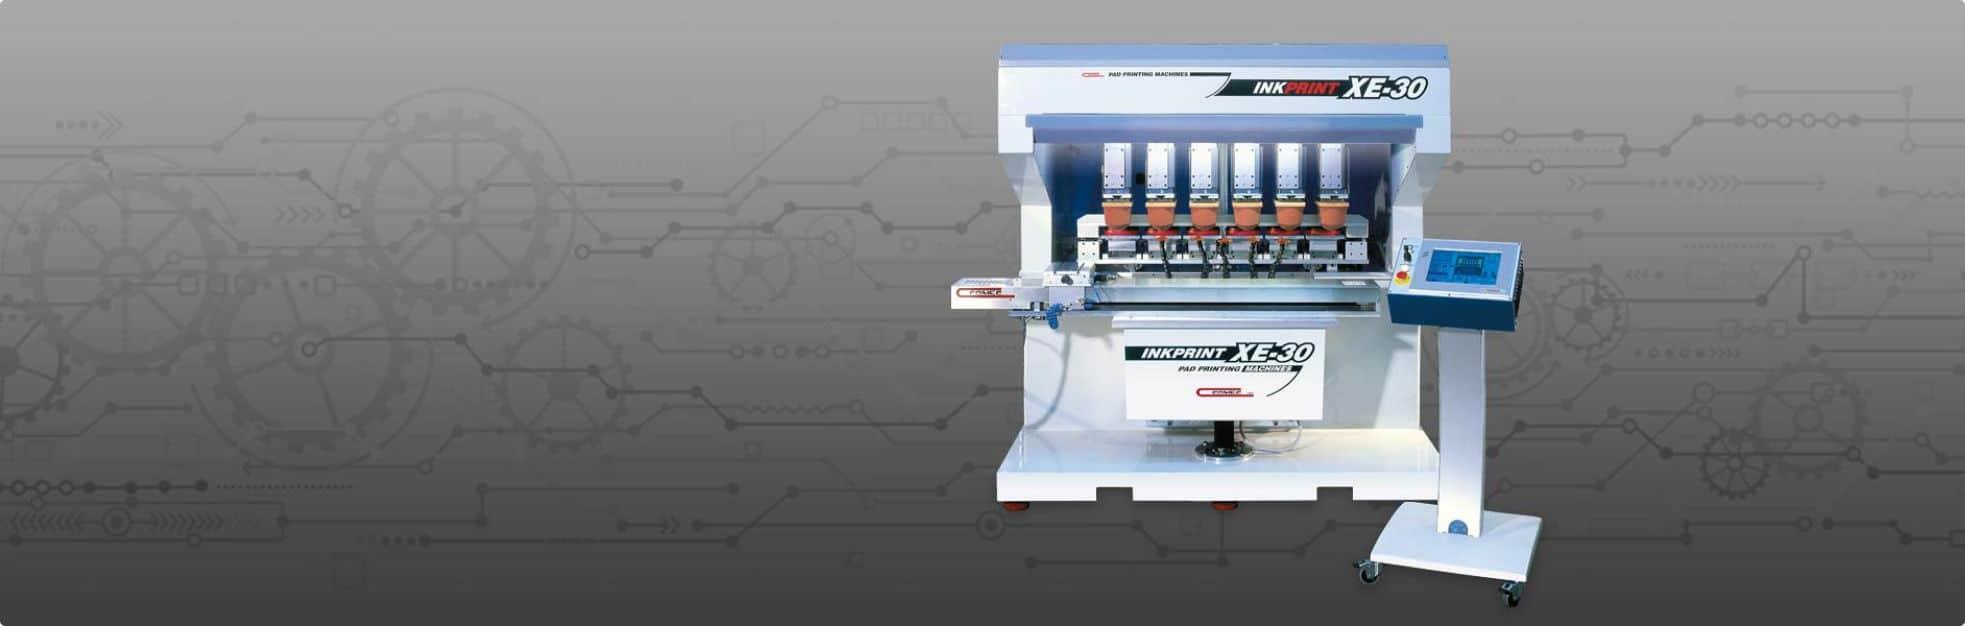 XE30 Pad Printing Machine